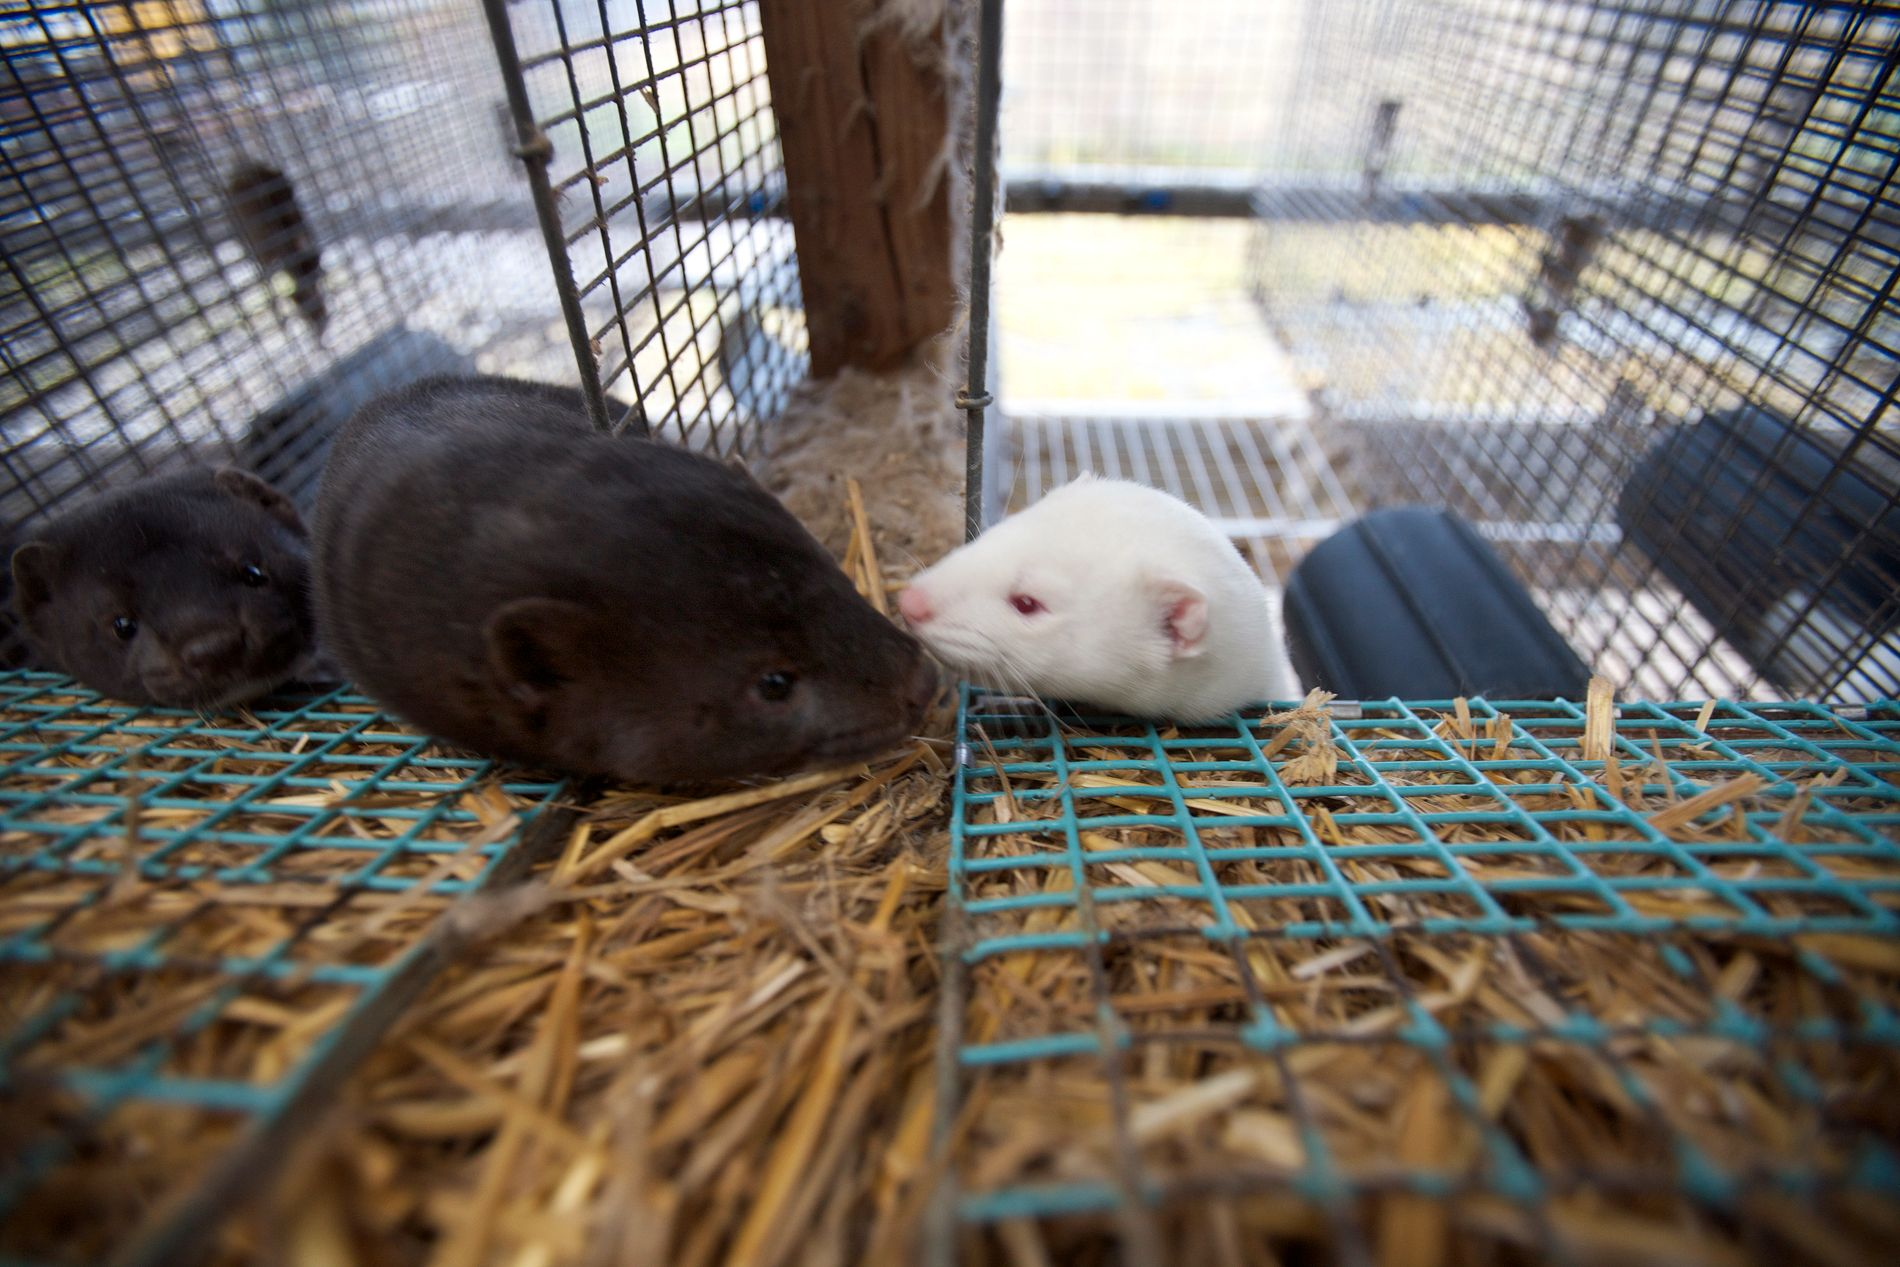 PELSDYR: I lovforslaget tas det til orde for å forby pelsdyrhold umiddelbart, men med en avviklingsperiode.